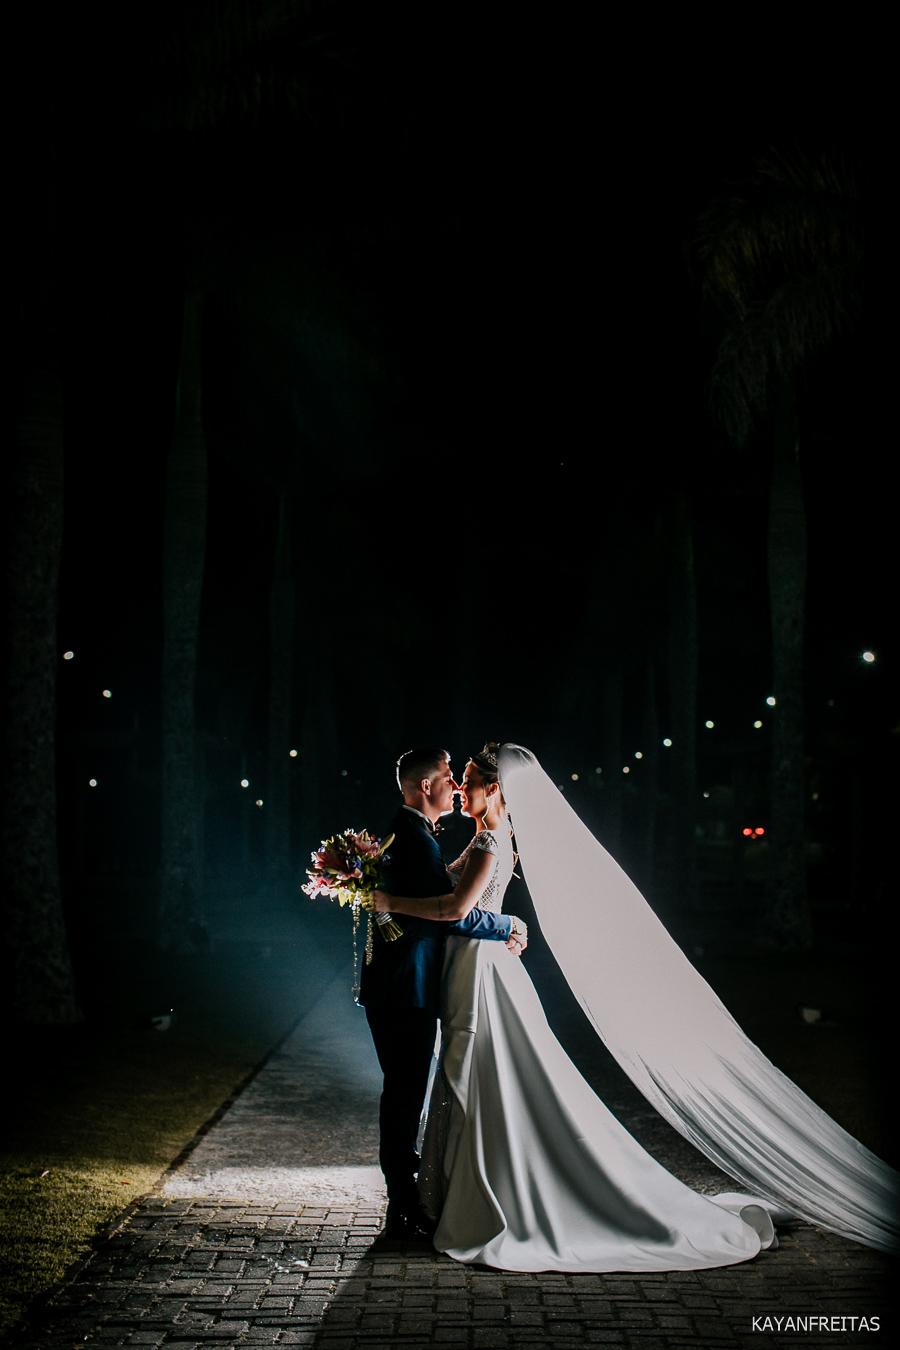 casamento-biguacu-tainaramarcos-0071 Casamento Tainara e Marcos - Biguaçu